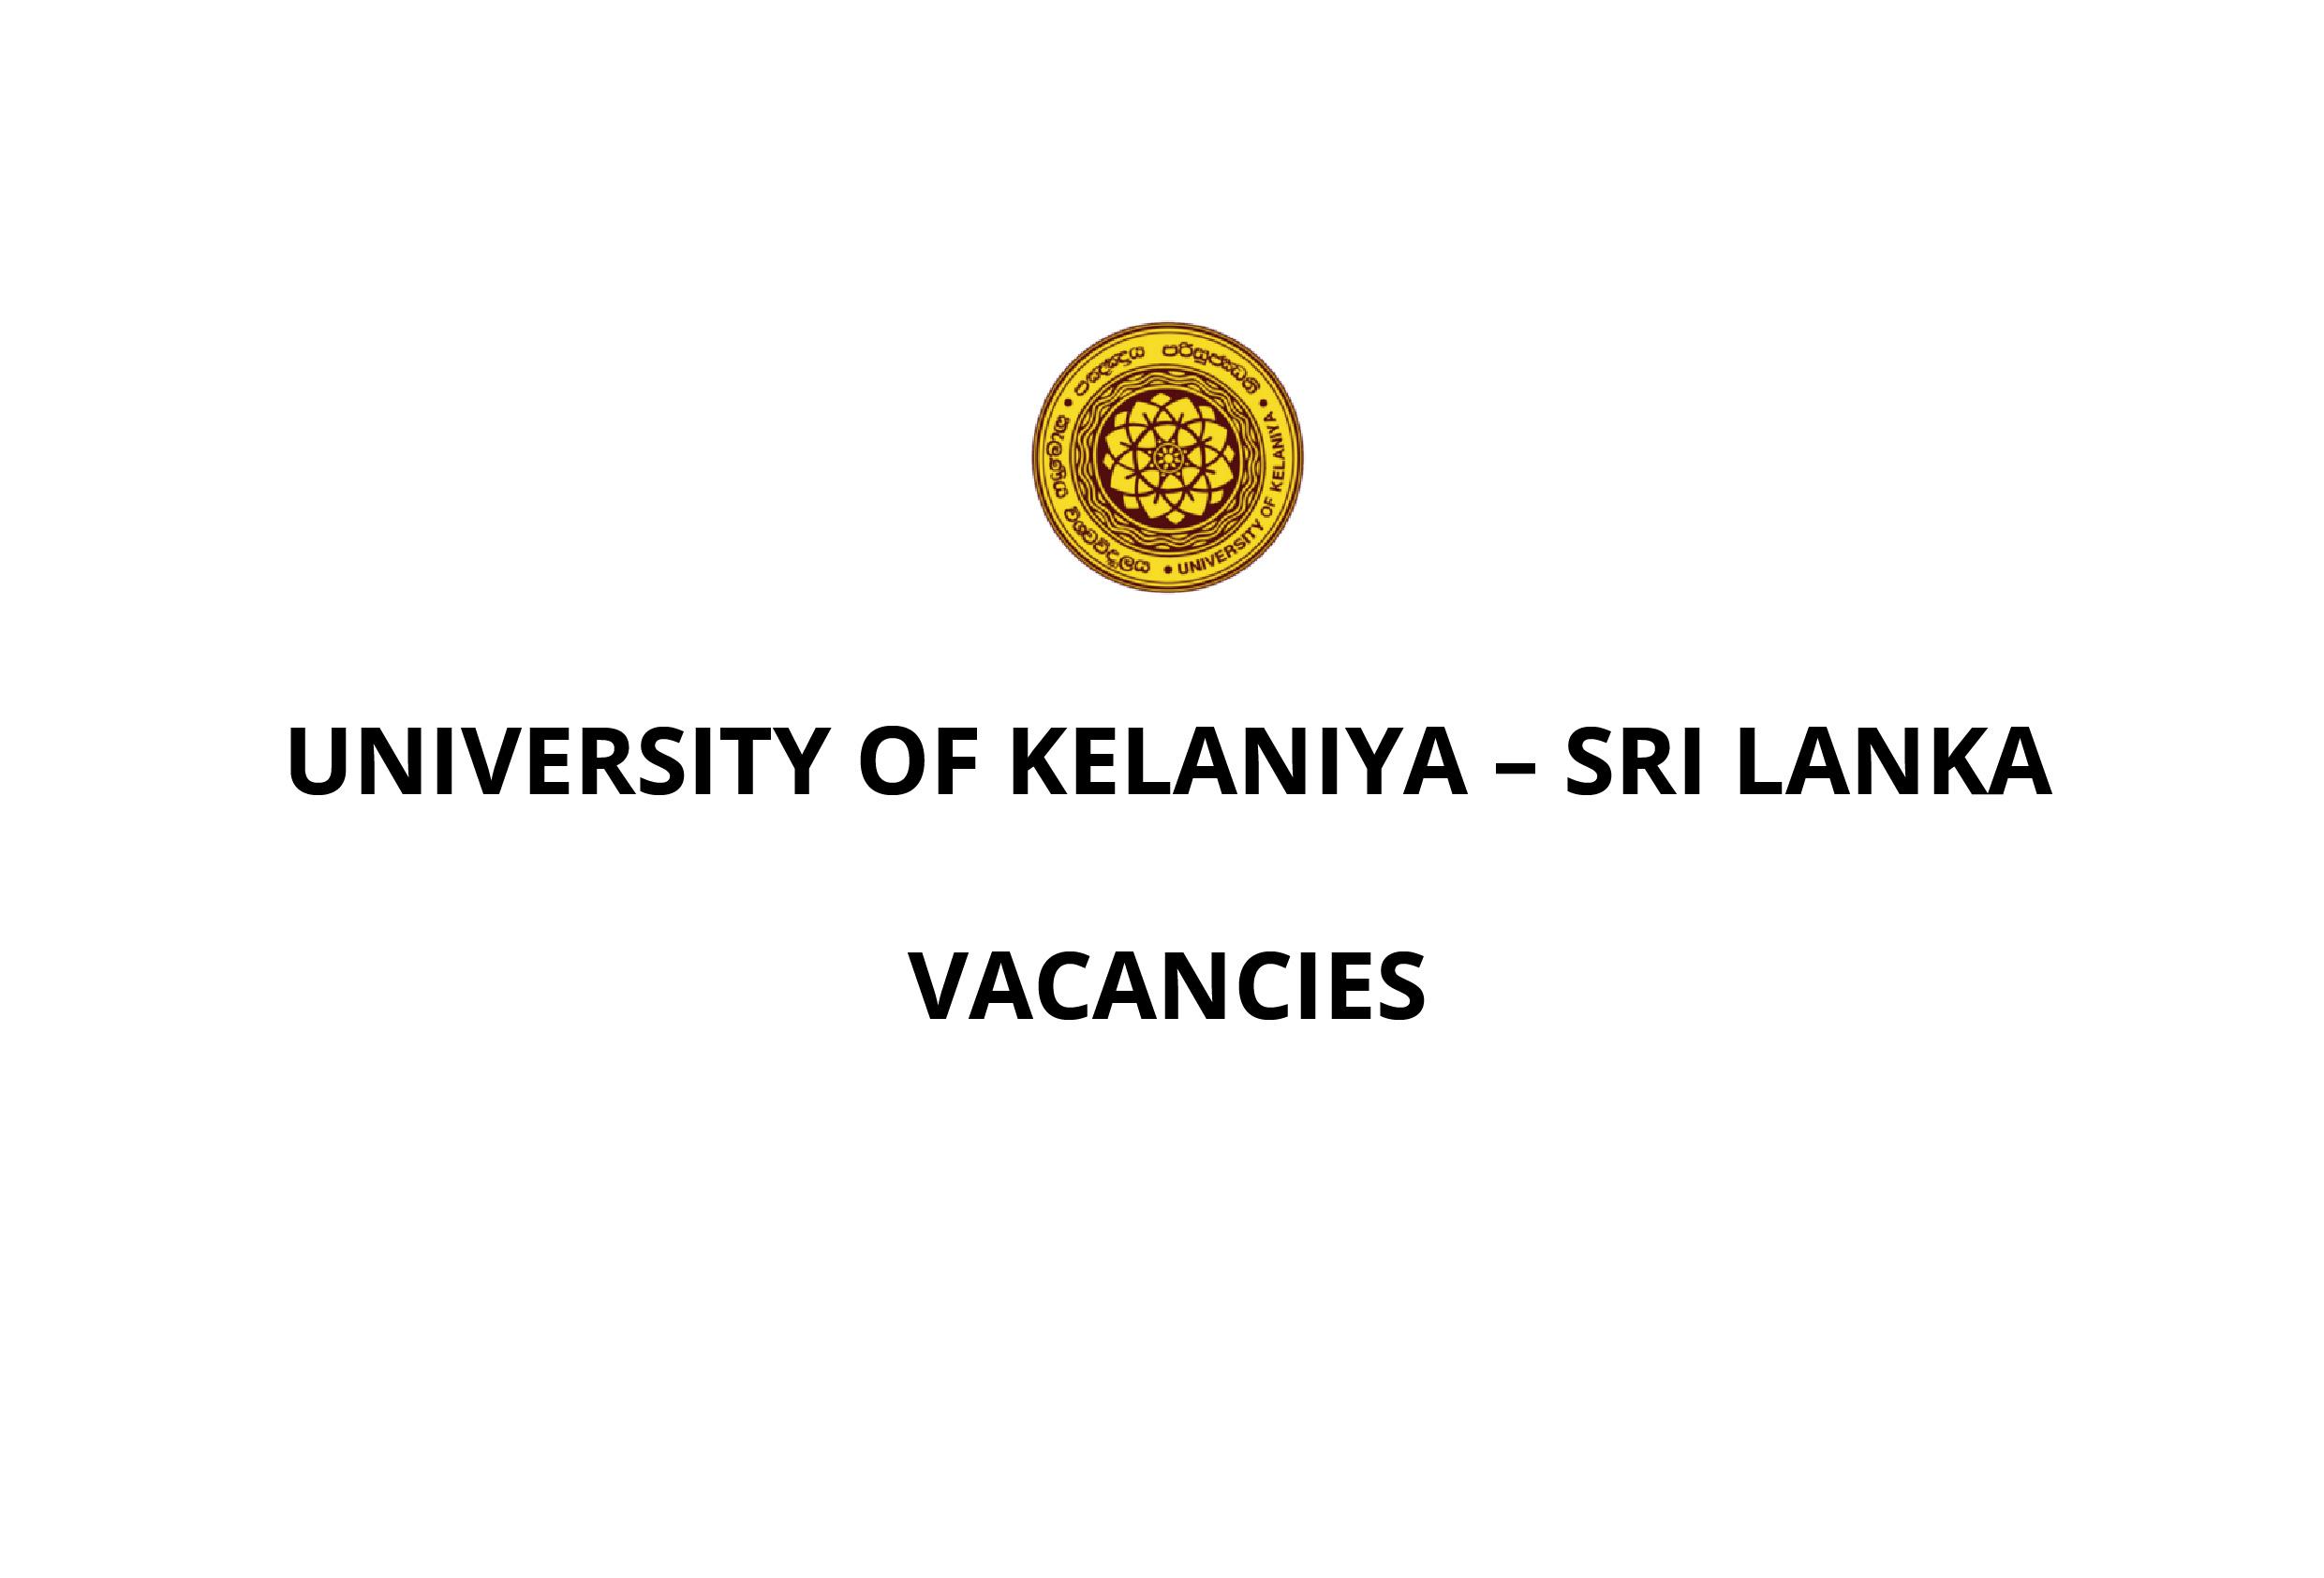 Vacancies of the University of Kelaniya, Sri Lanka